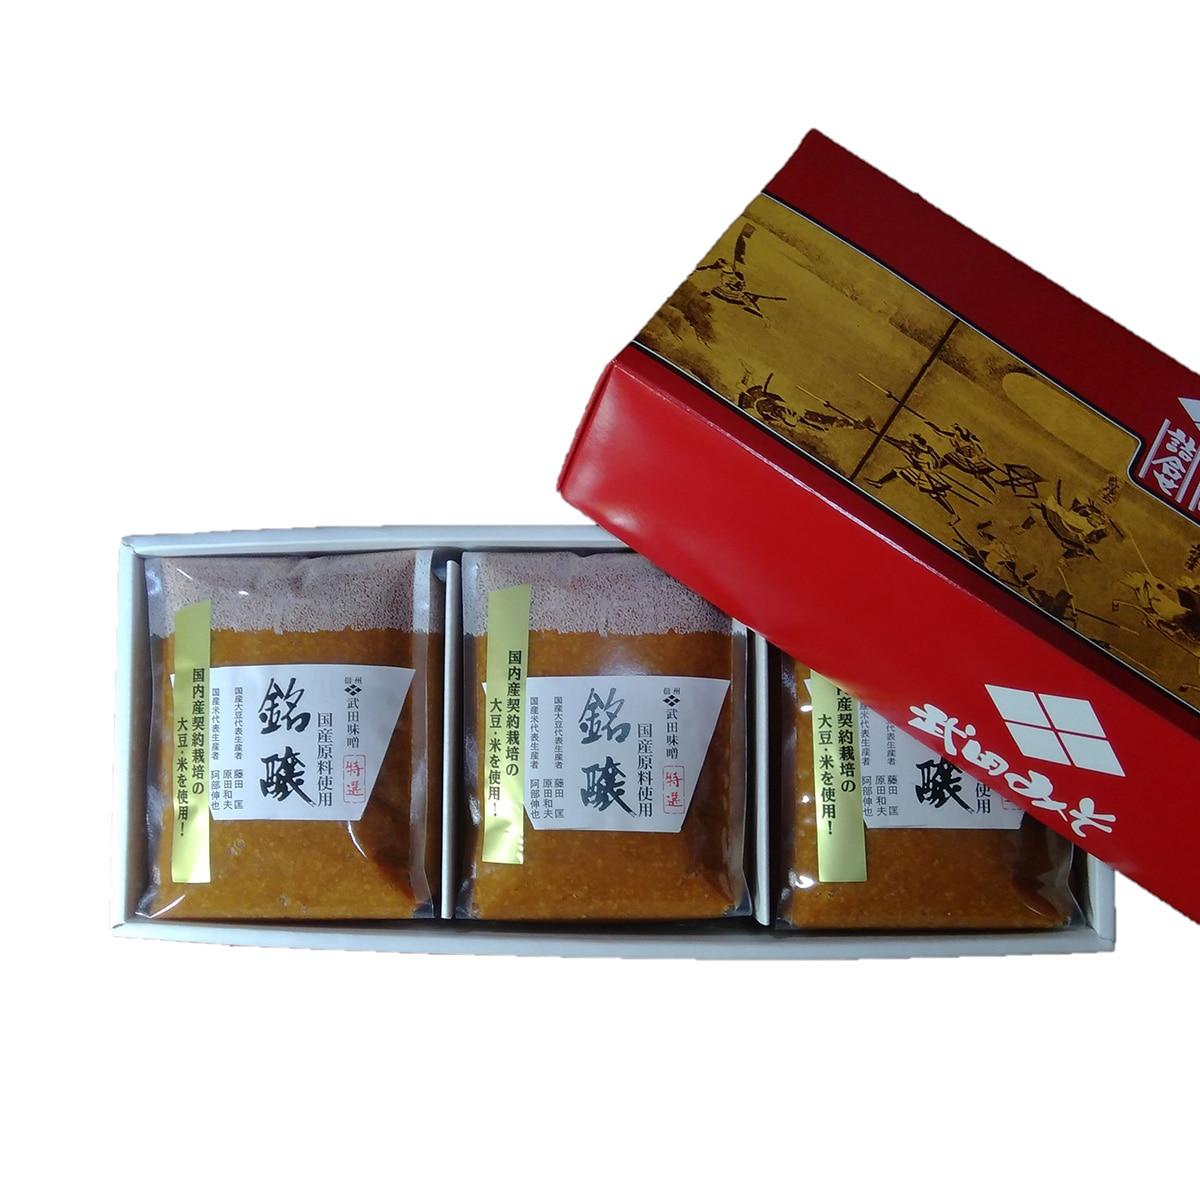 武田味噌 【長野】みそ 特選銘醸1kg3個化粧箱入り